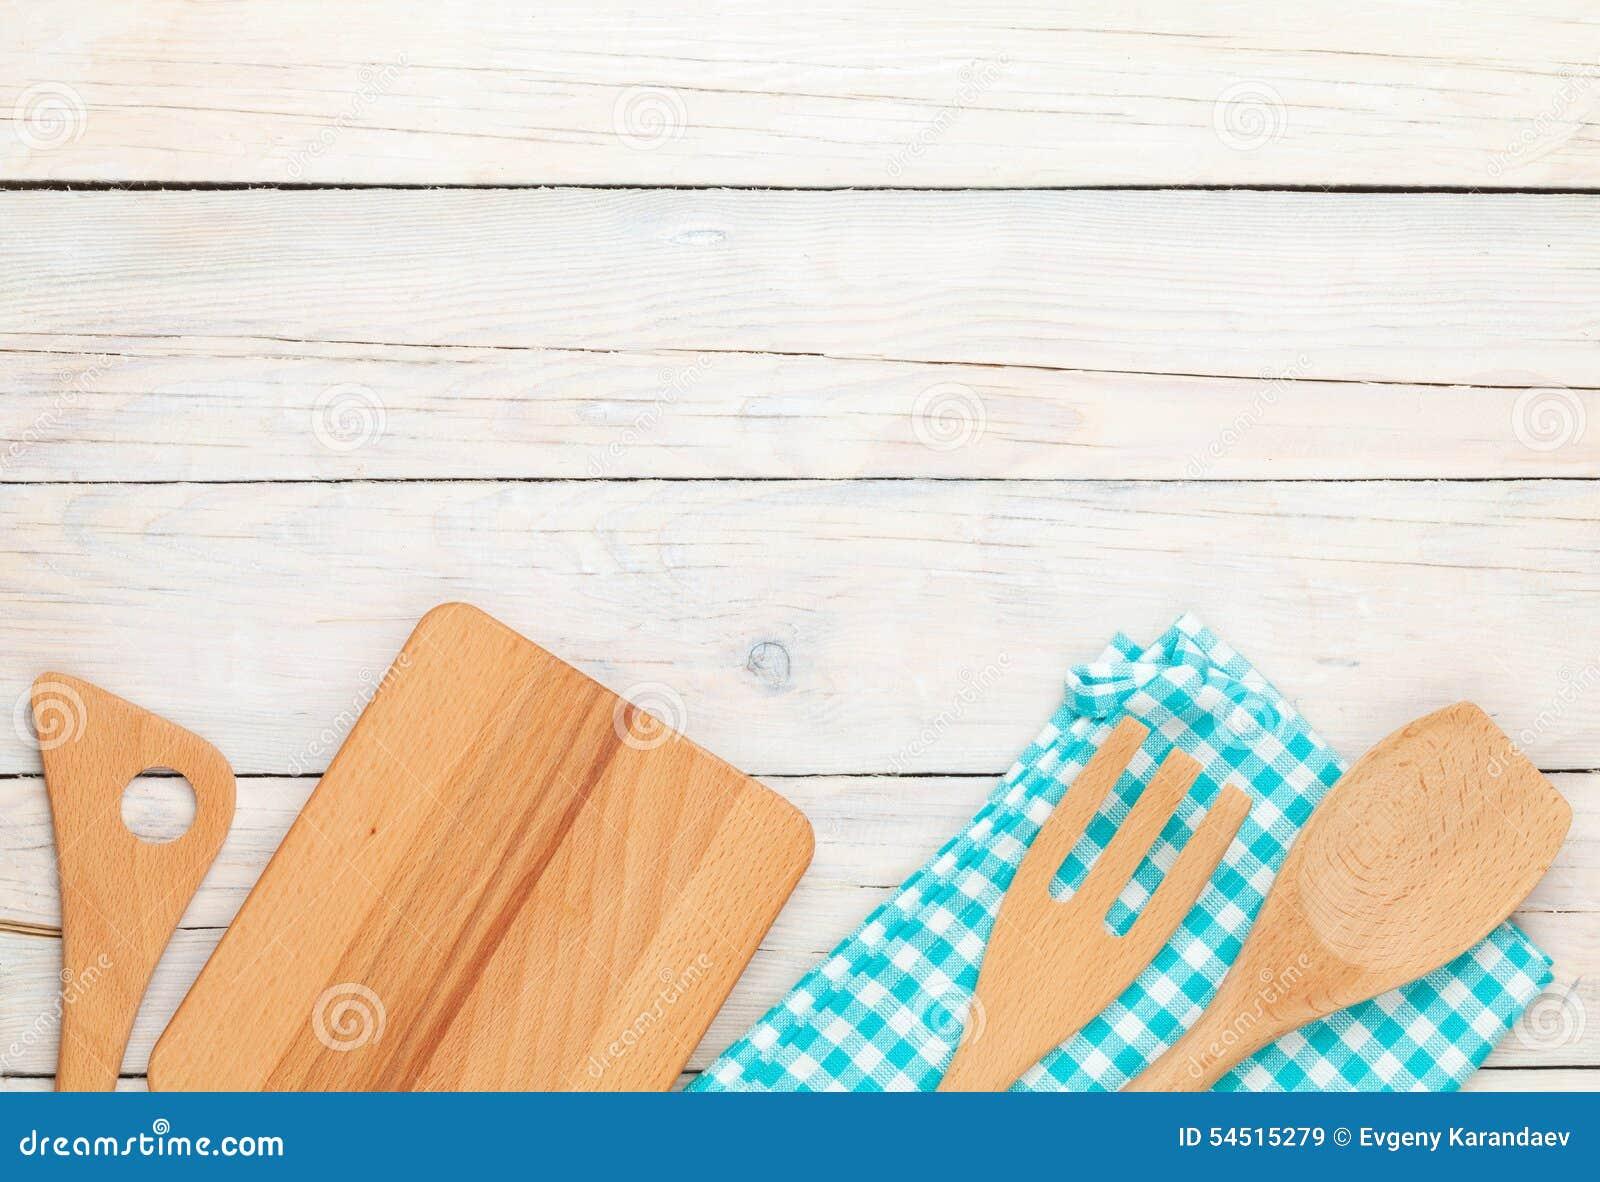 kitchen utensils background wooden kitchen utensils over white wooden table background utensils over white wooden table background stock image